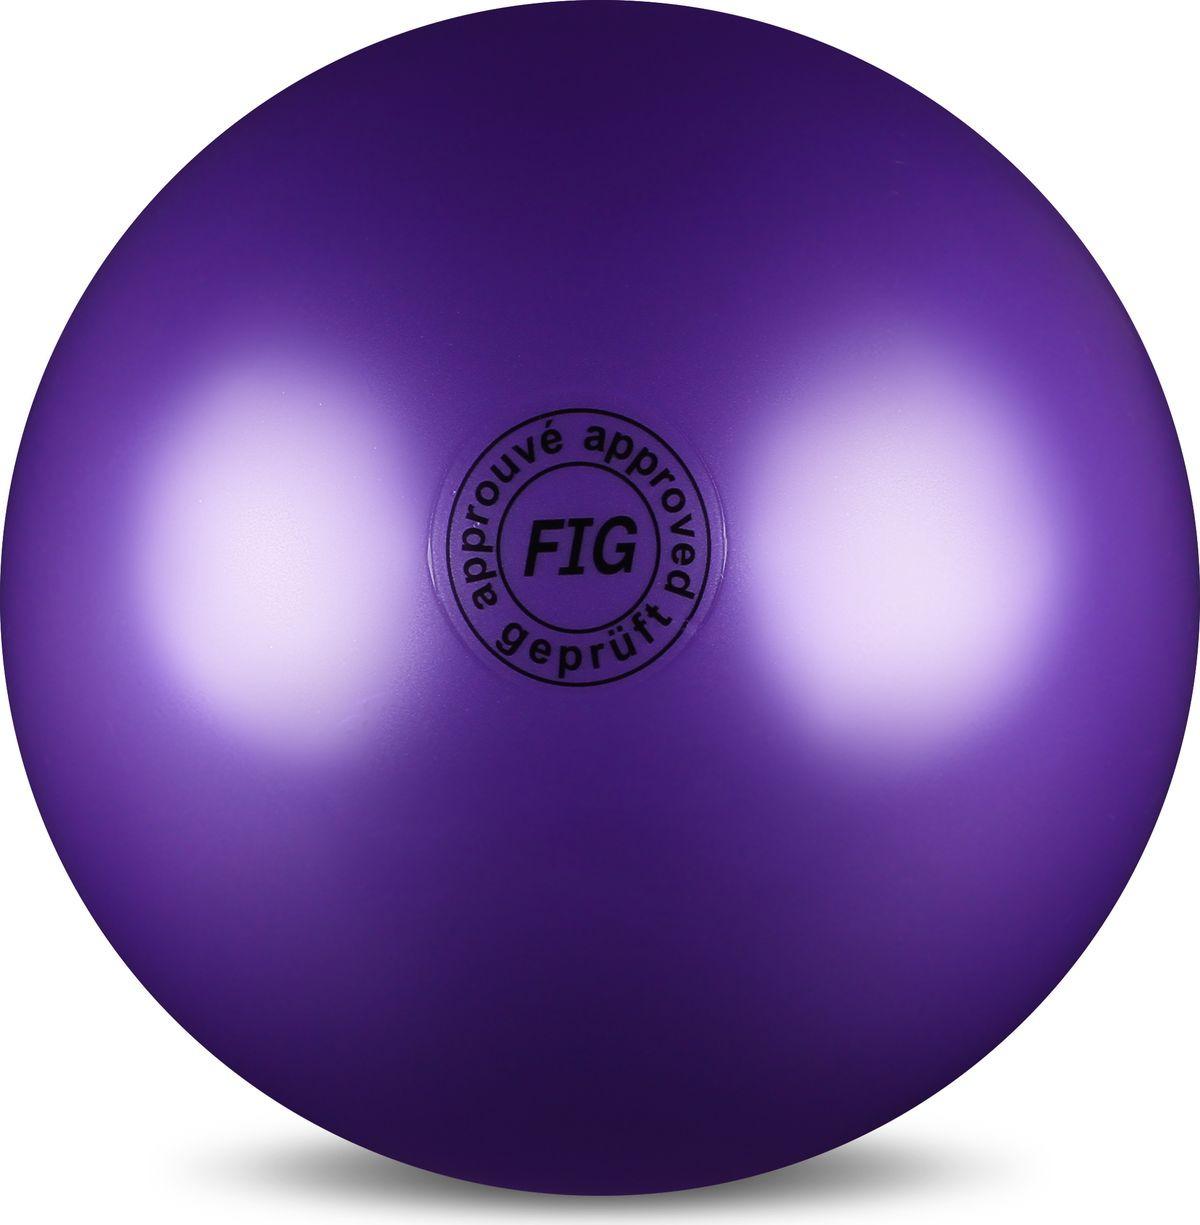 Мяч гимнастический Indigo, цвет: фиолетовый, диаметр 19 см мяч для художественной гимнастики indigo силиконовый цвет разноцветный диаметр 15 см